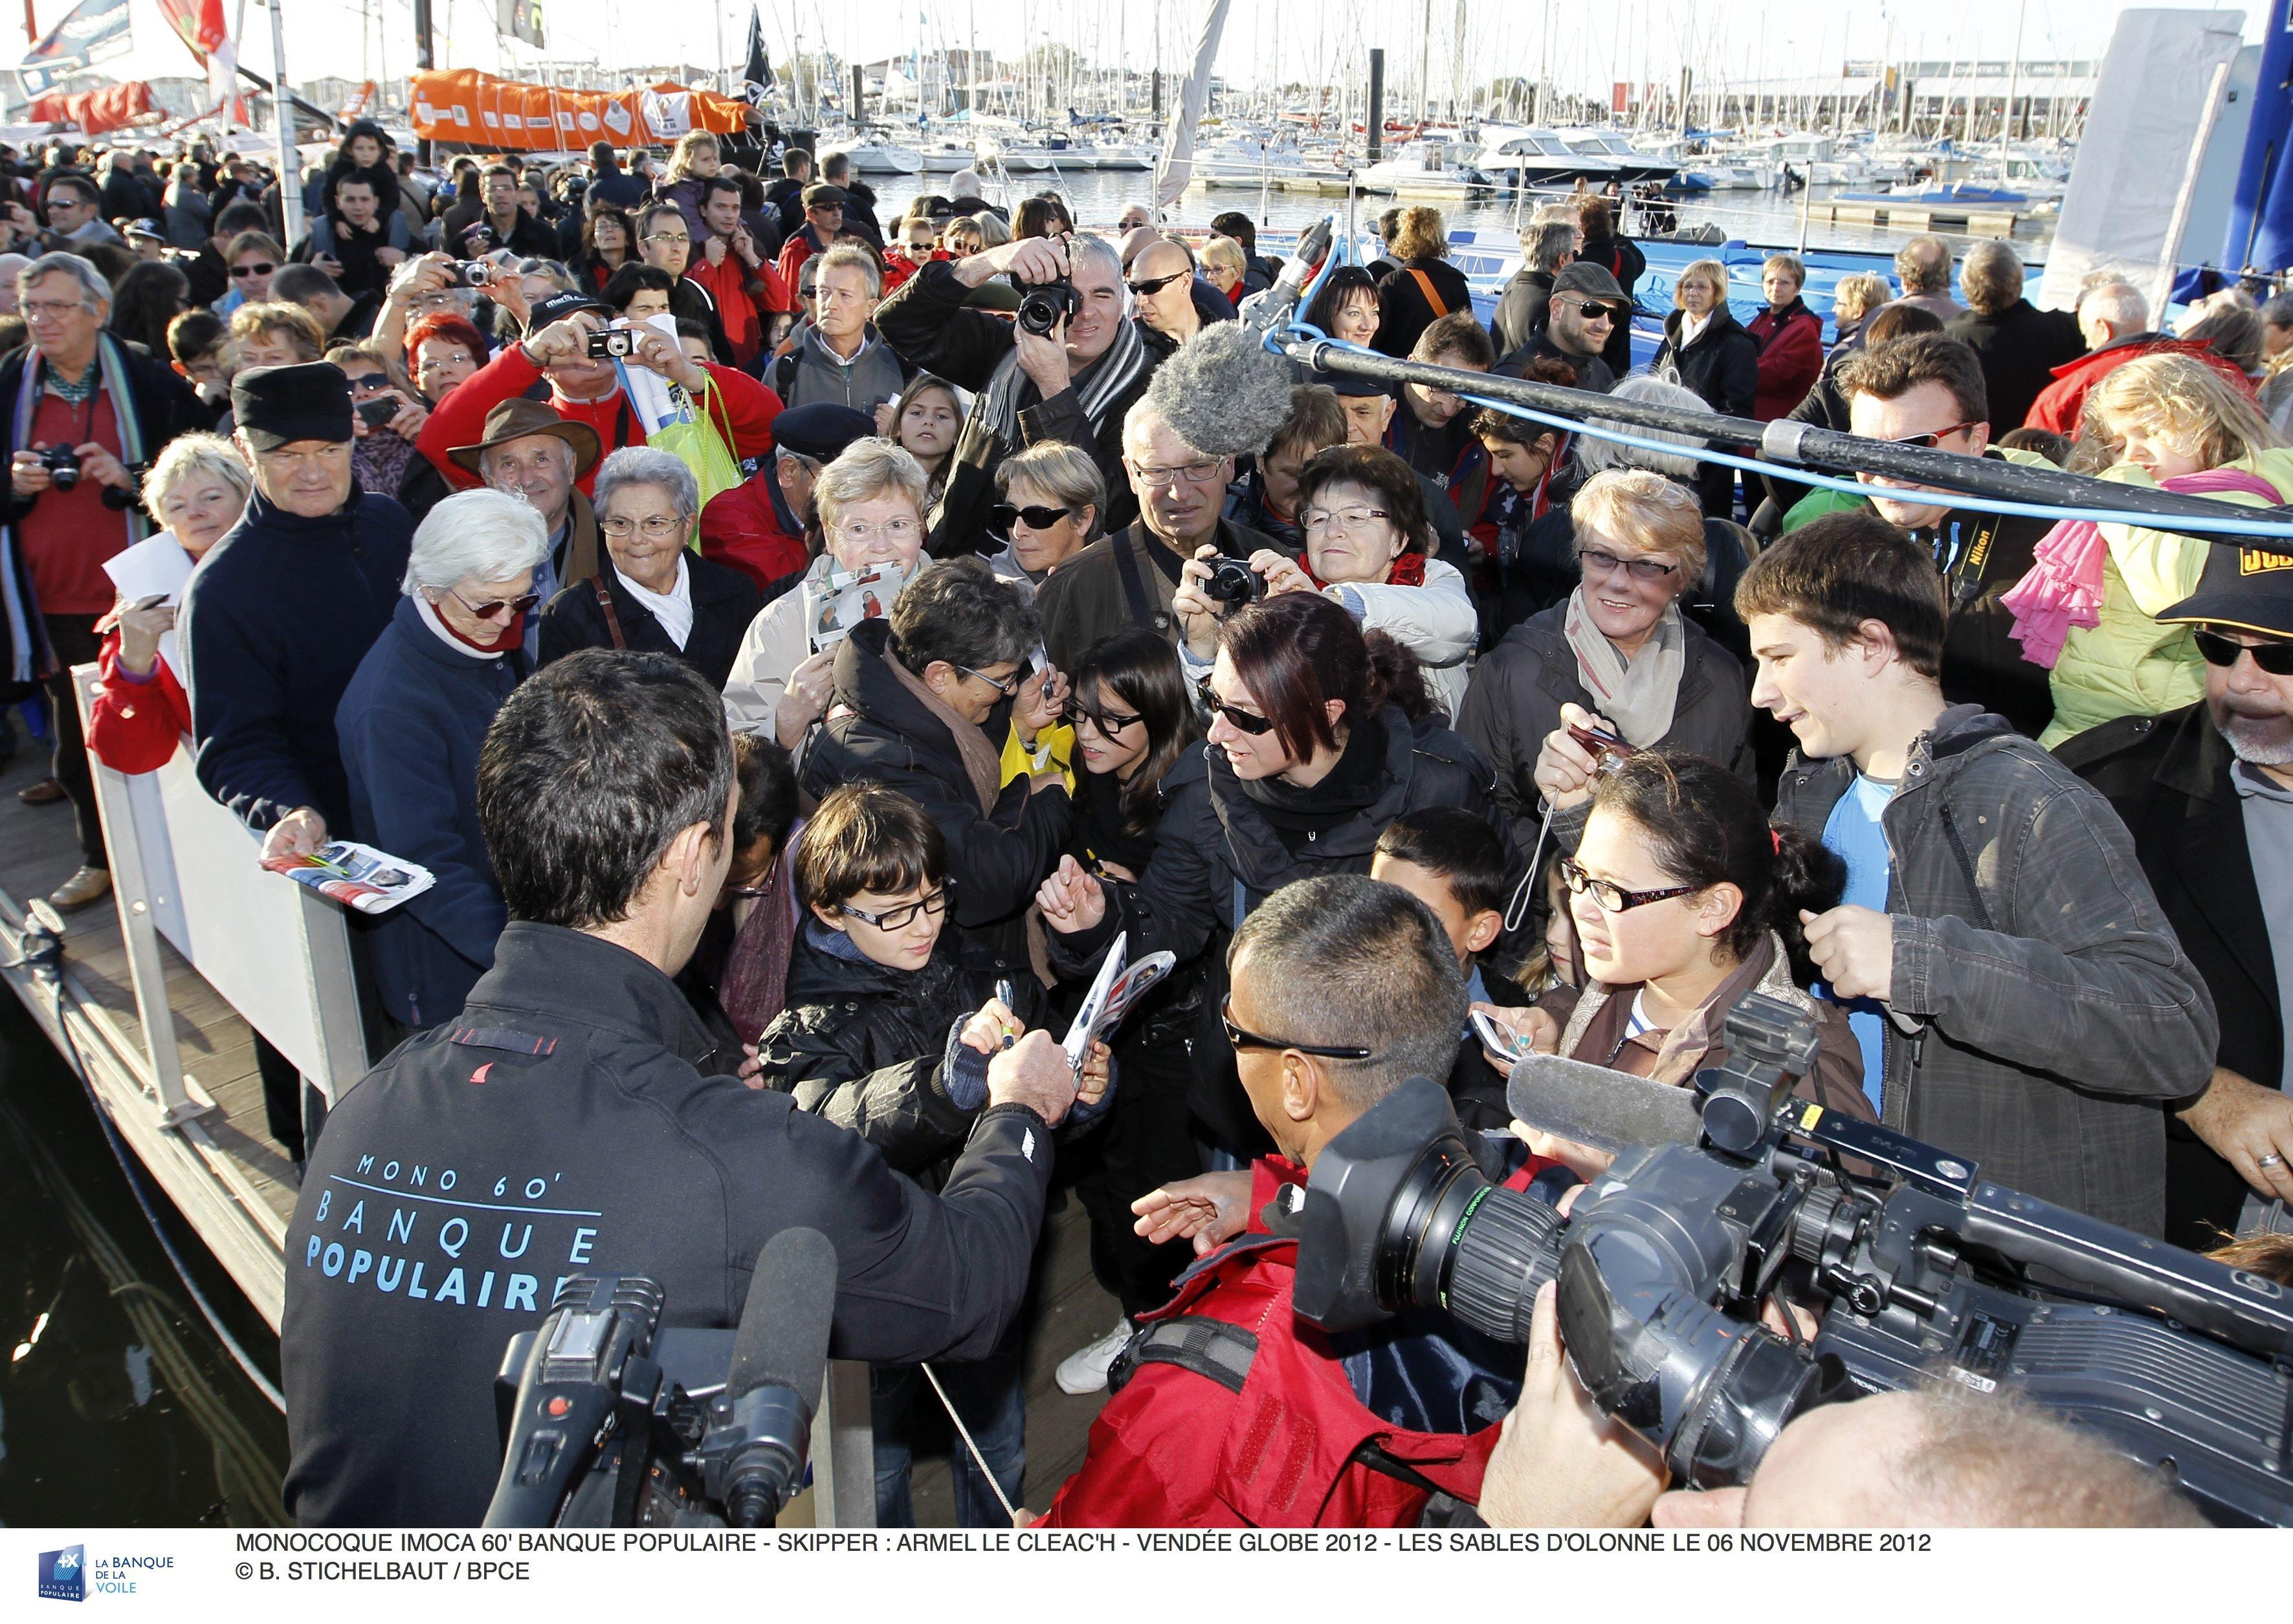 Ambiance ponton Vendée Globe 2012 - 08/11/2012 ©B. Stichelbaut/BPCE